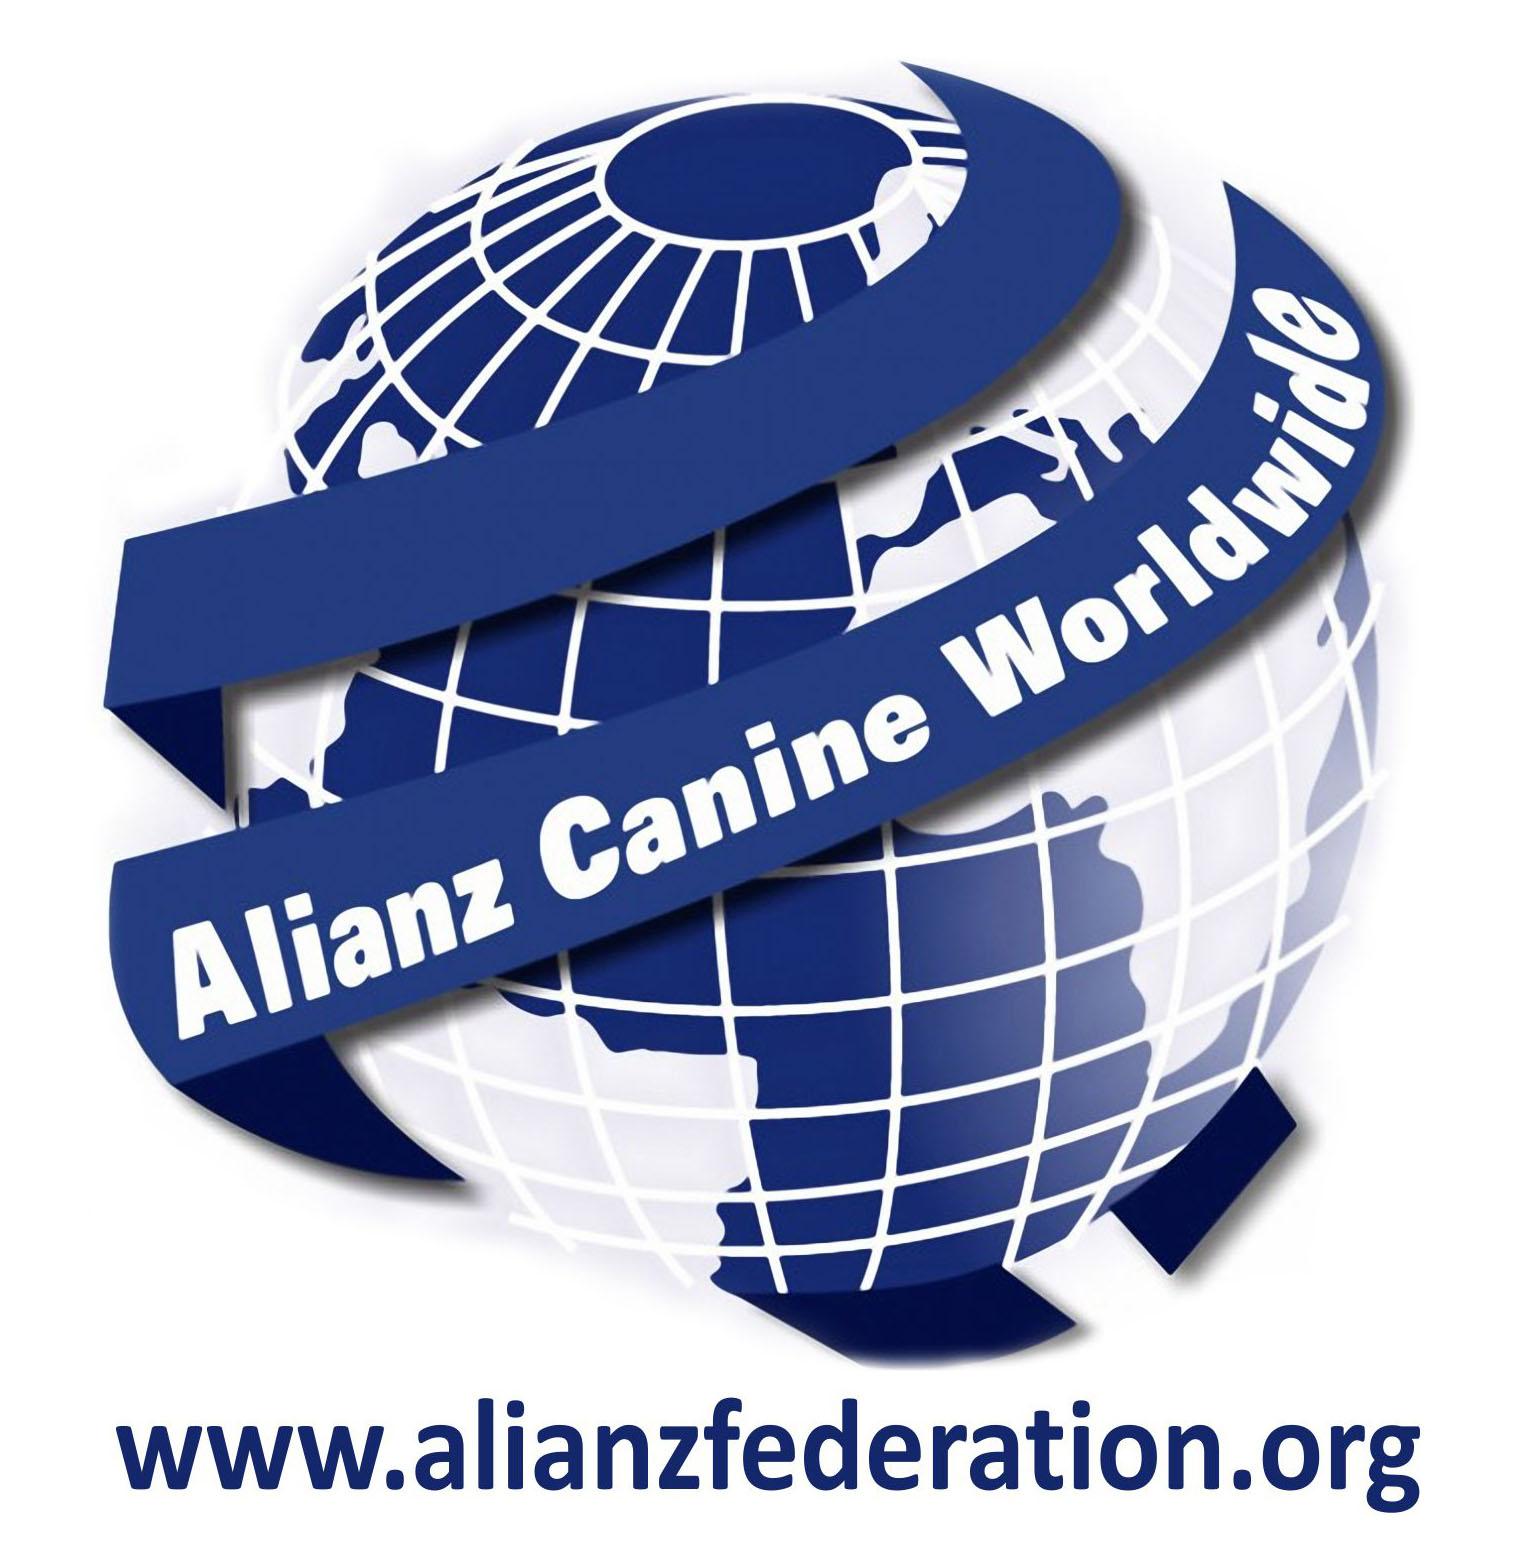 alianzfederationcom